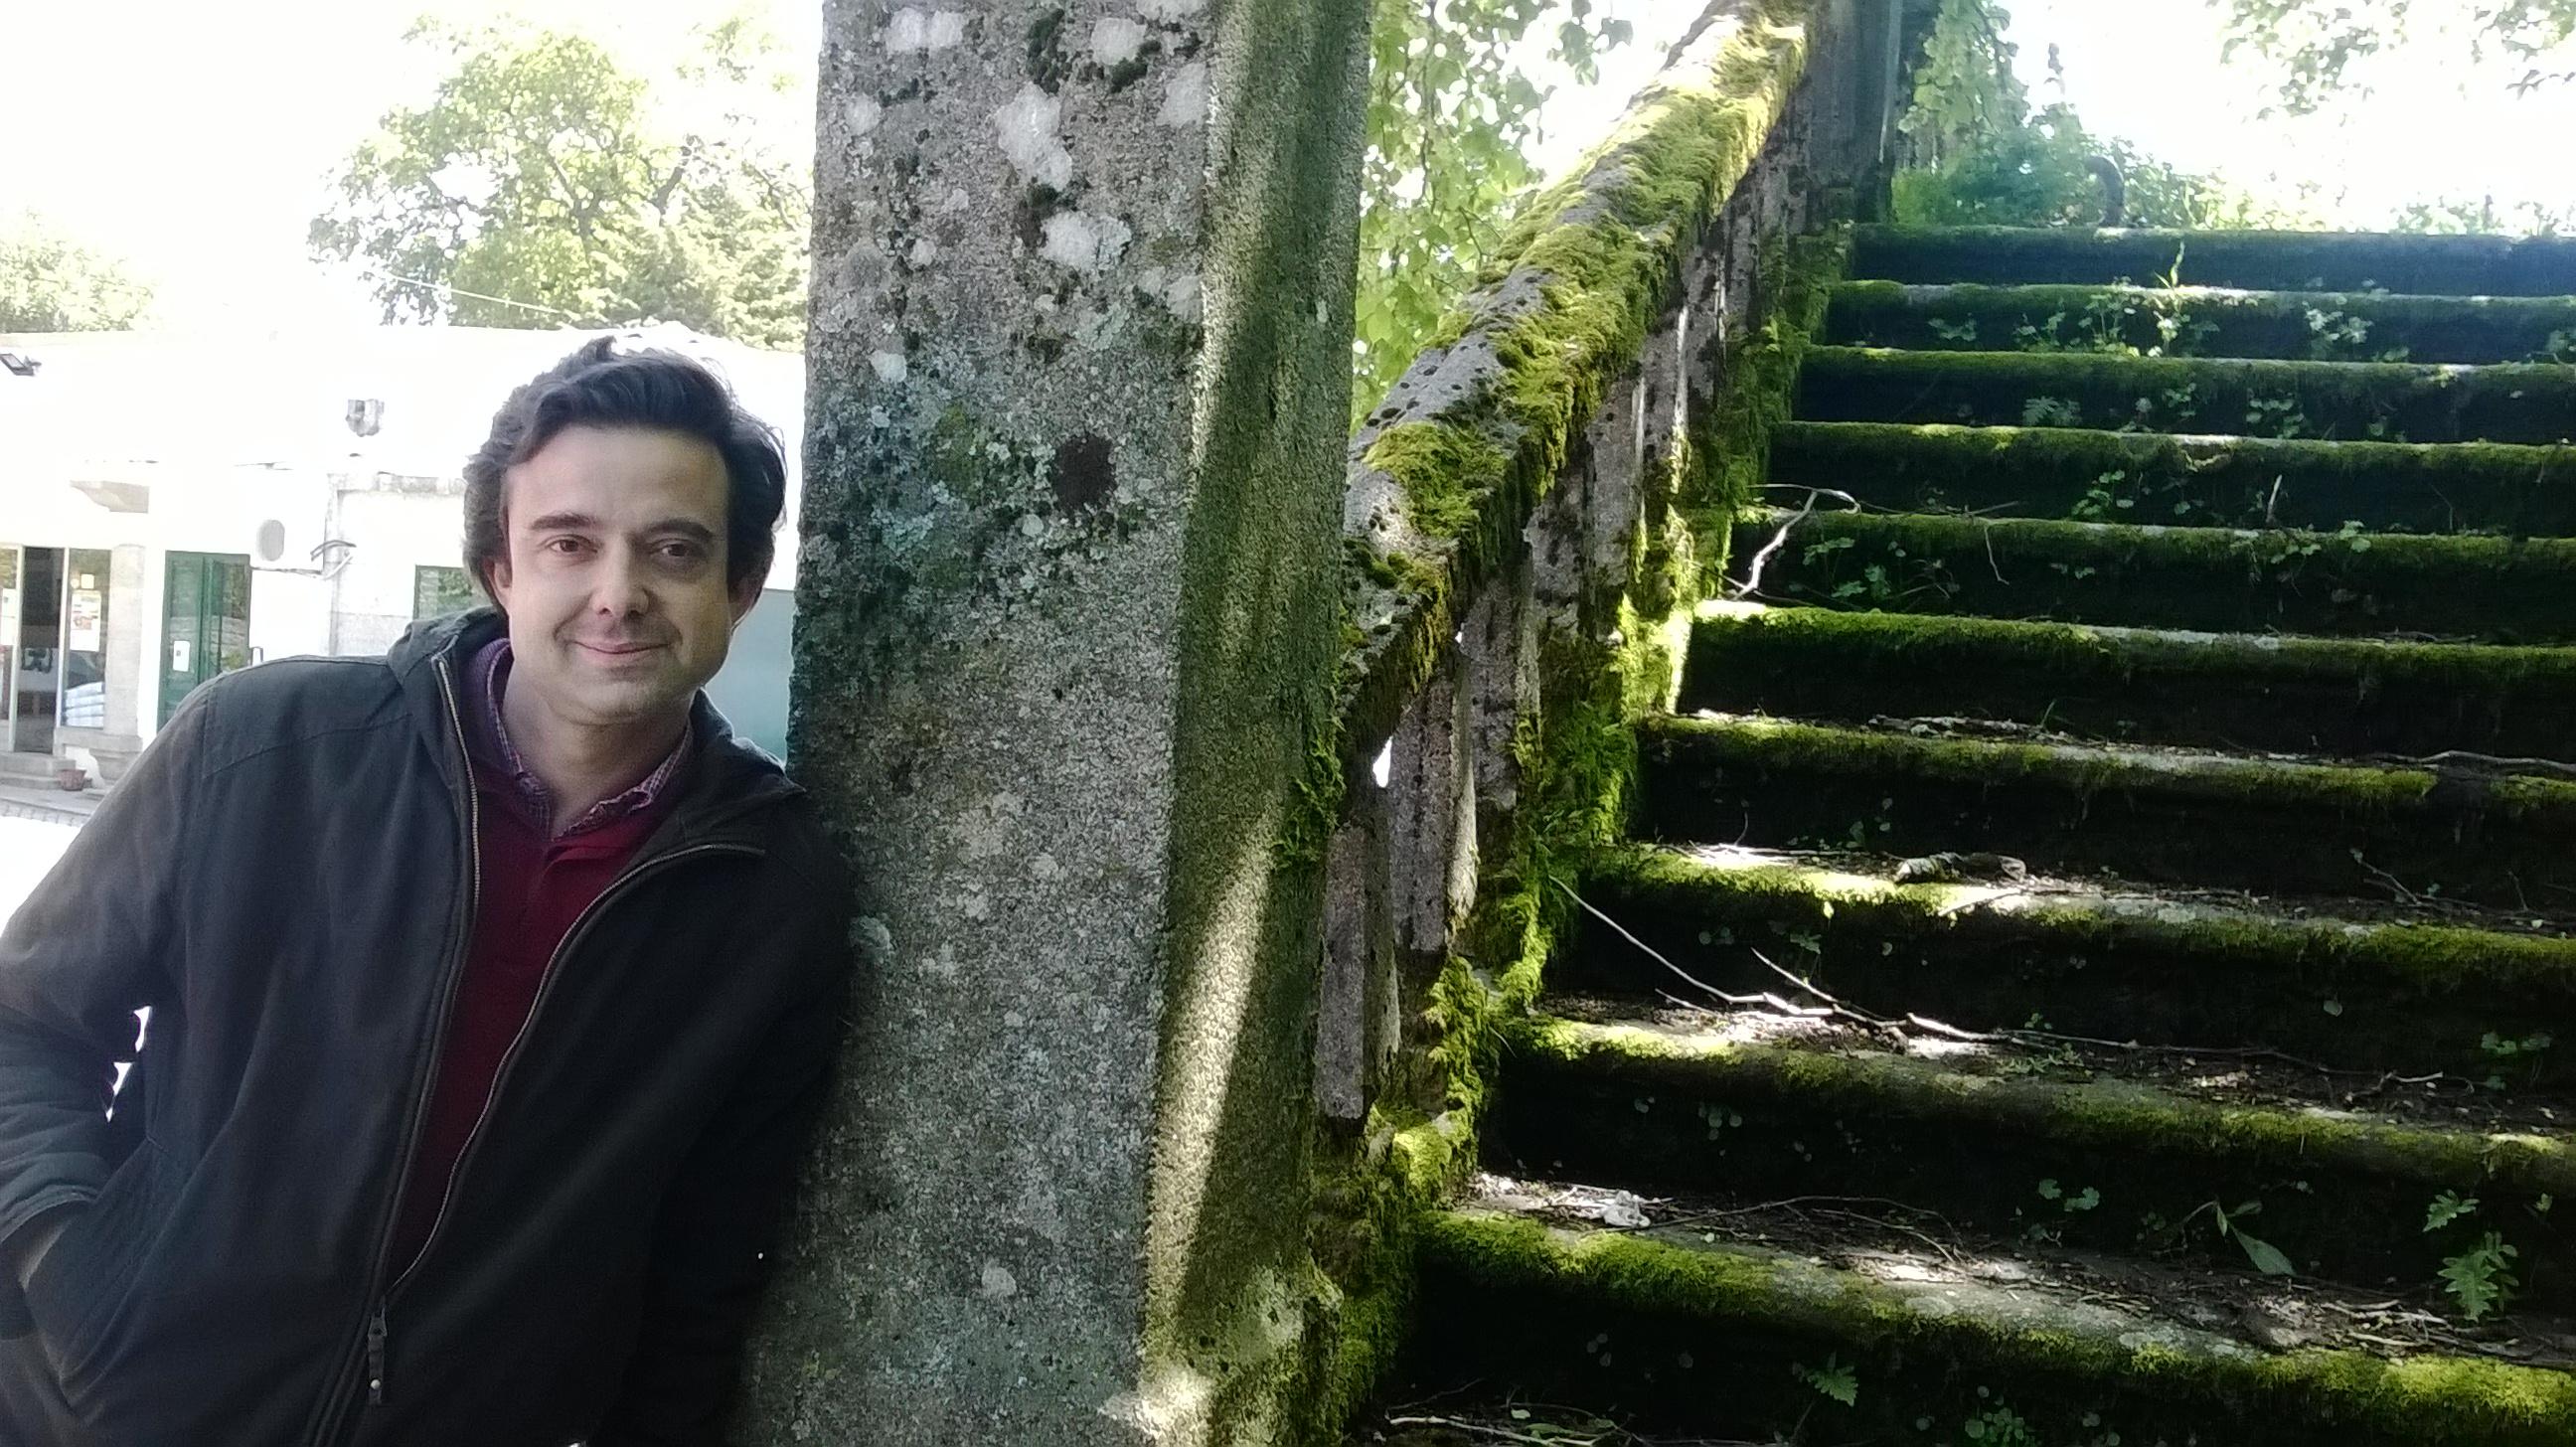 Nuno Costa Santos, Arquipélago de Escritores, Arquipélago de Escritores 2018, Deus Me Livro